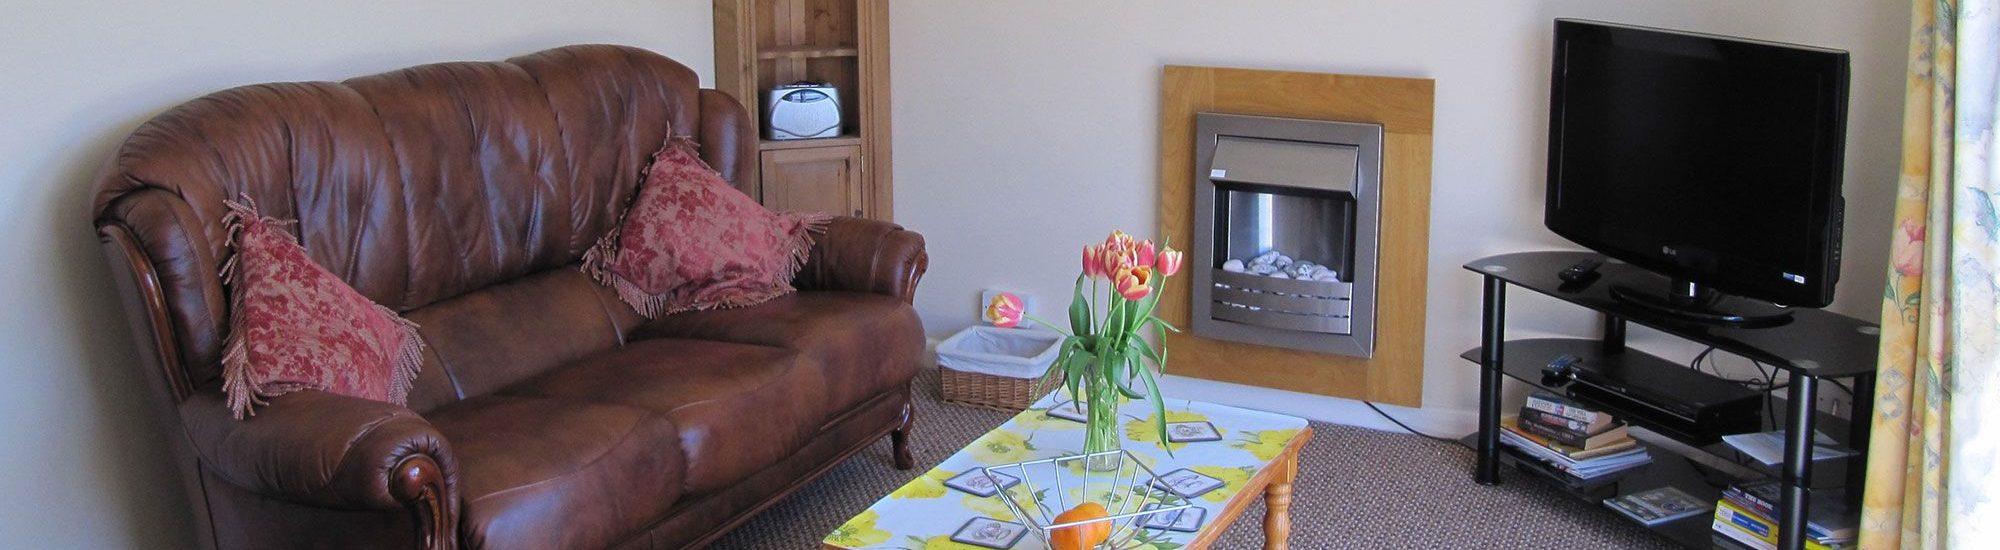 trispen bungalow 2000x550 - Trispen Cottage